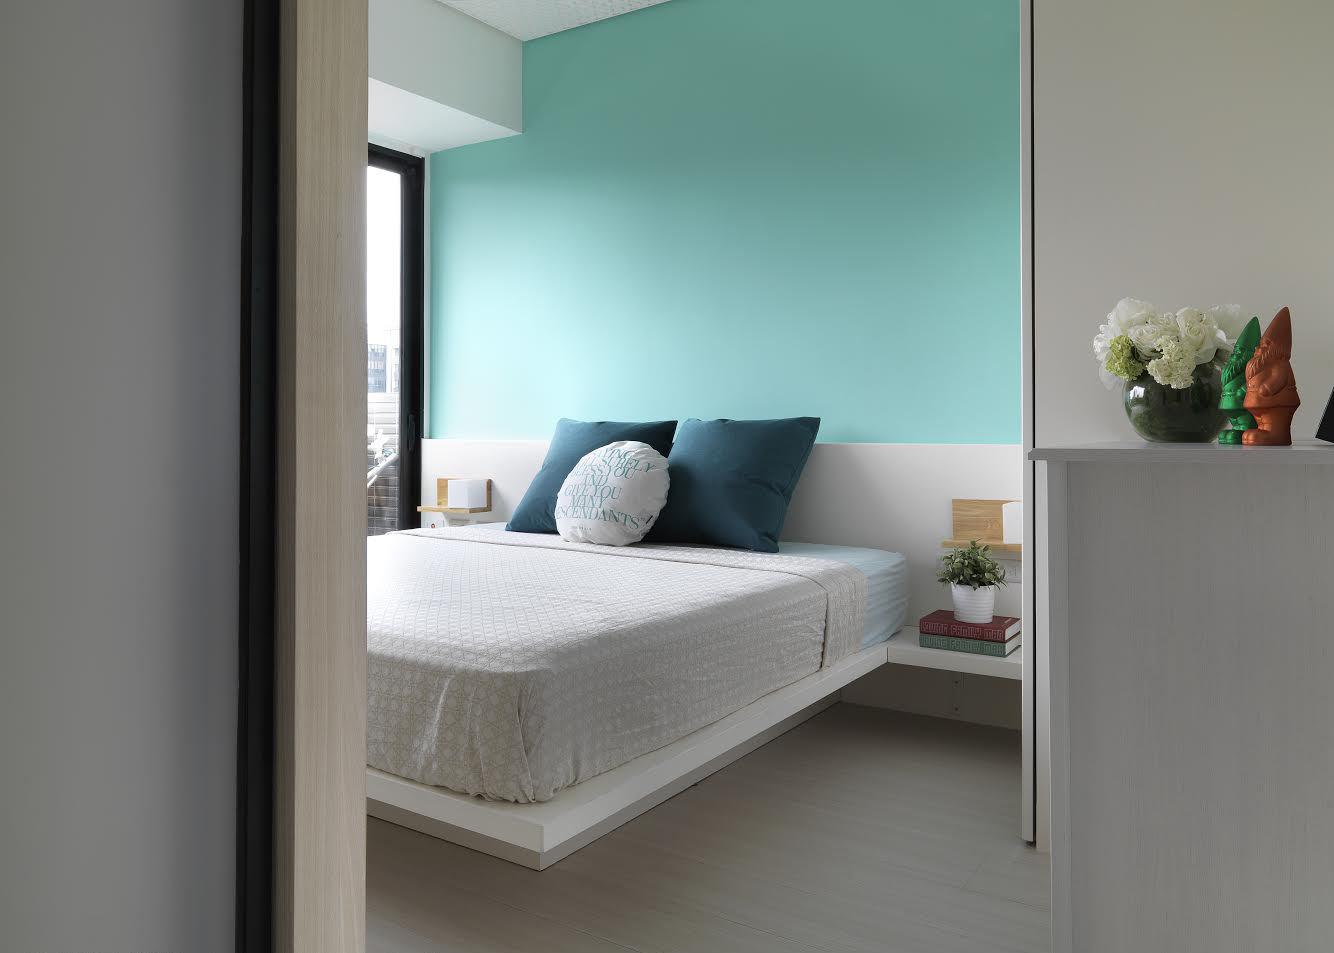 清新简约卧室绿色背景墙装饰图